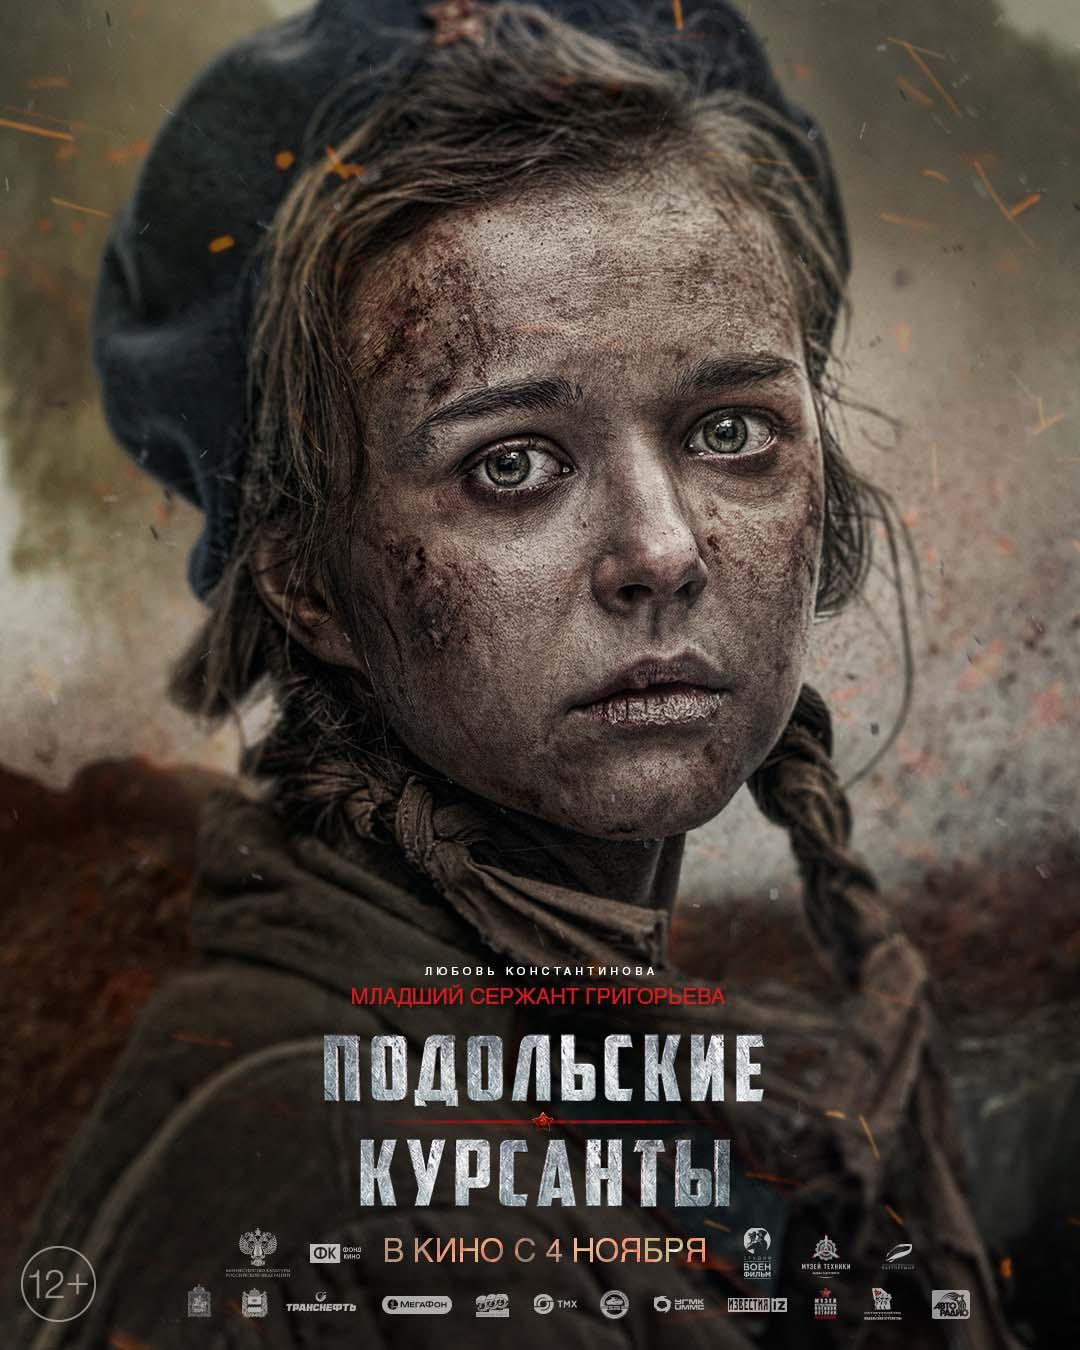 Подольские курсанты 2020 Персонажный постер 3